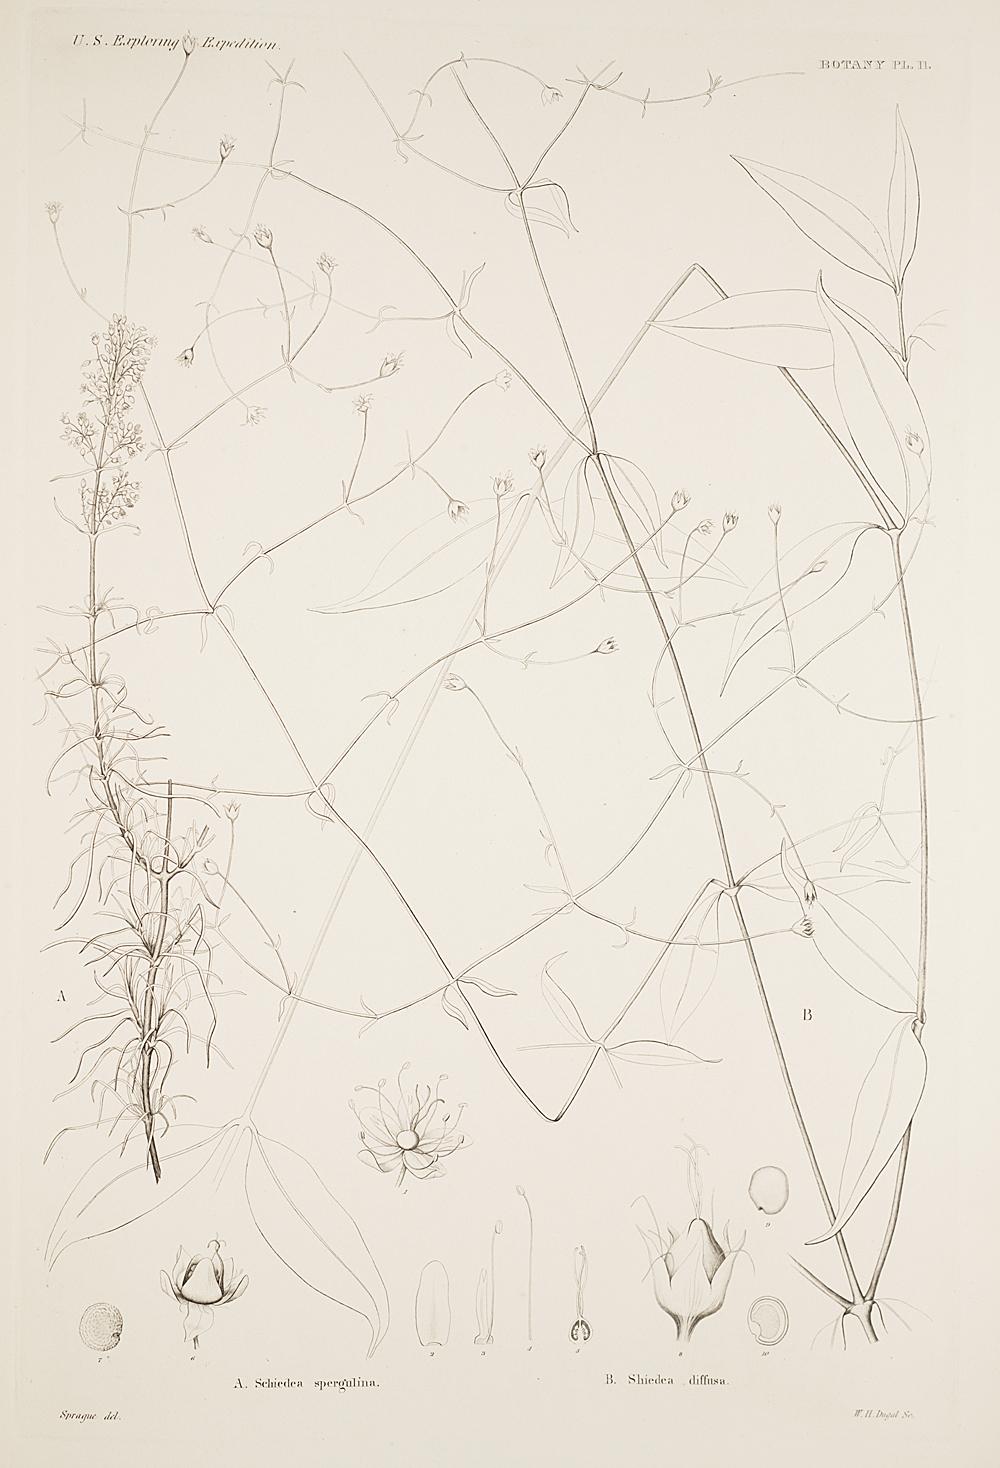 Botany, Pl. 11,  Image number:sil19-23-033b